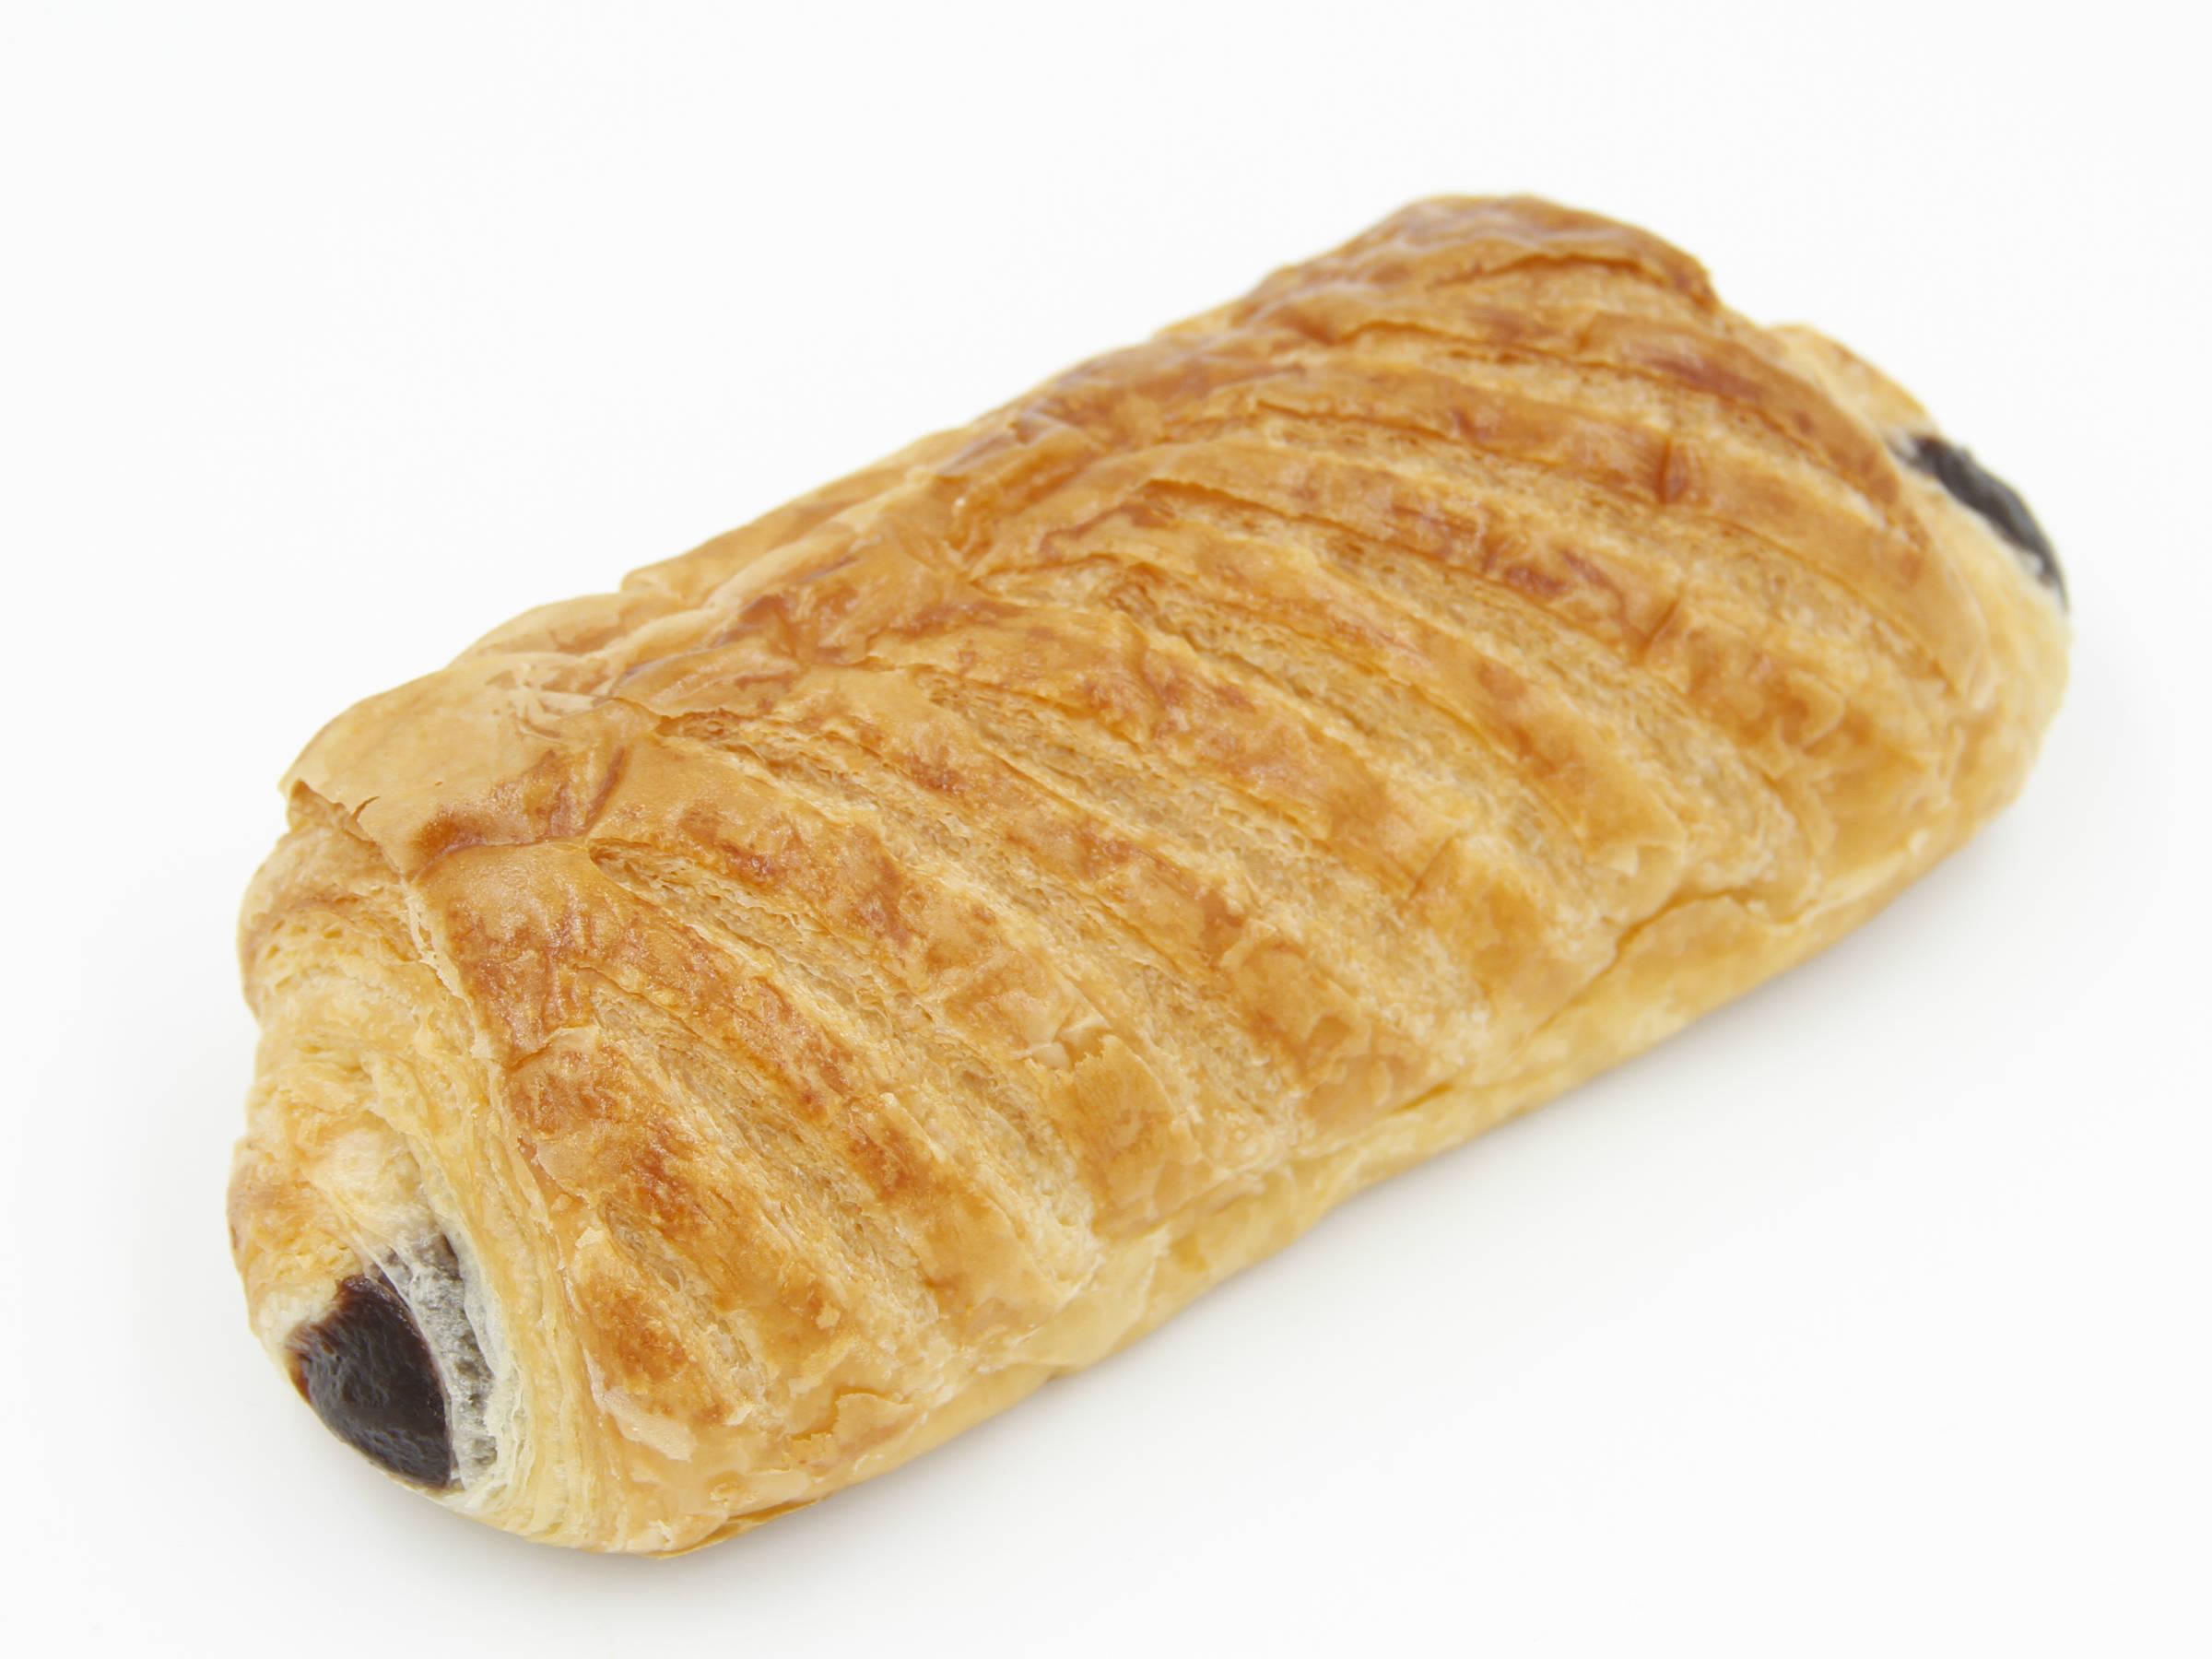 面包系列 - 爱克莱 - 青岛爱克莱食品有限公司